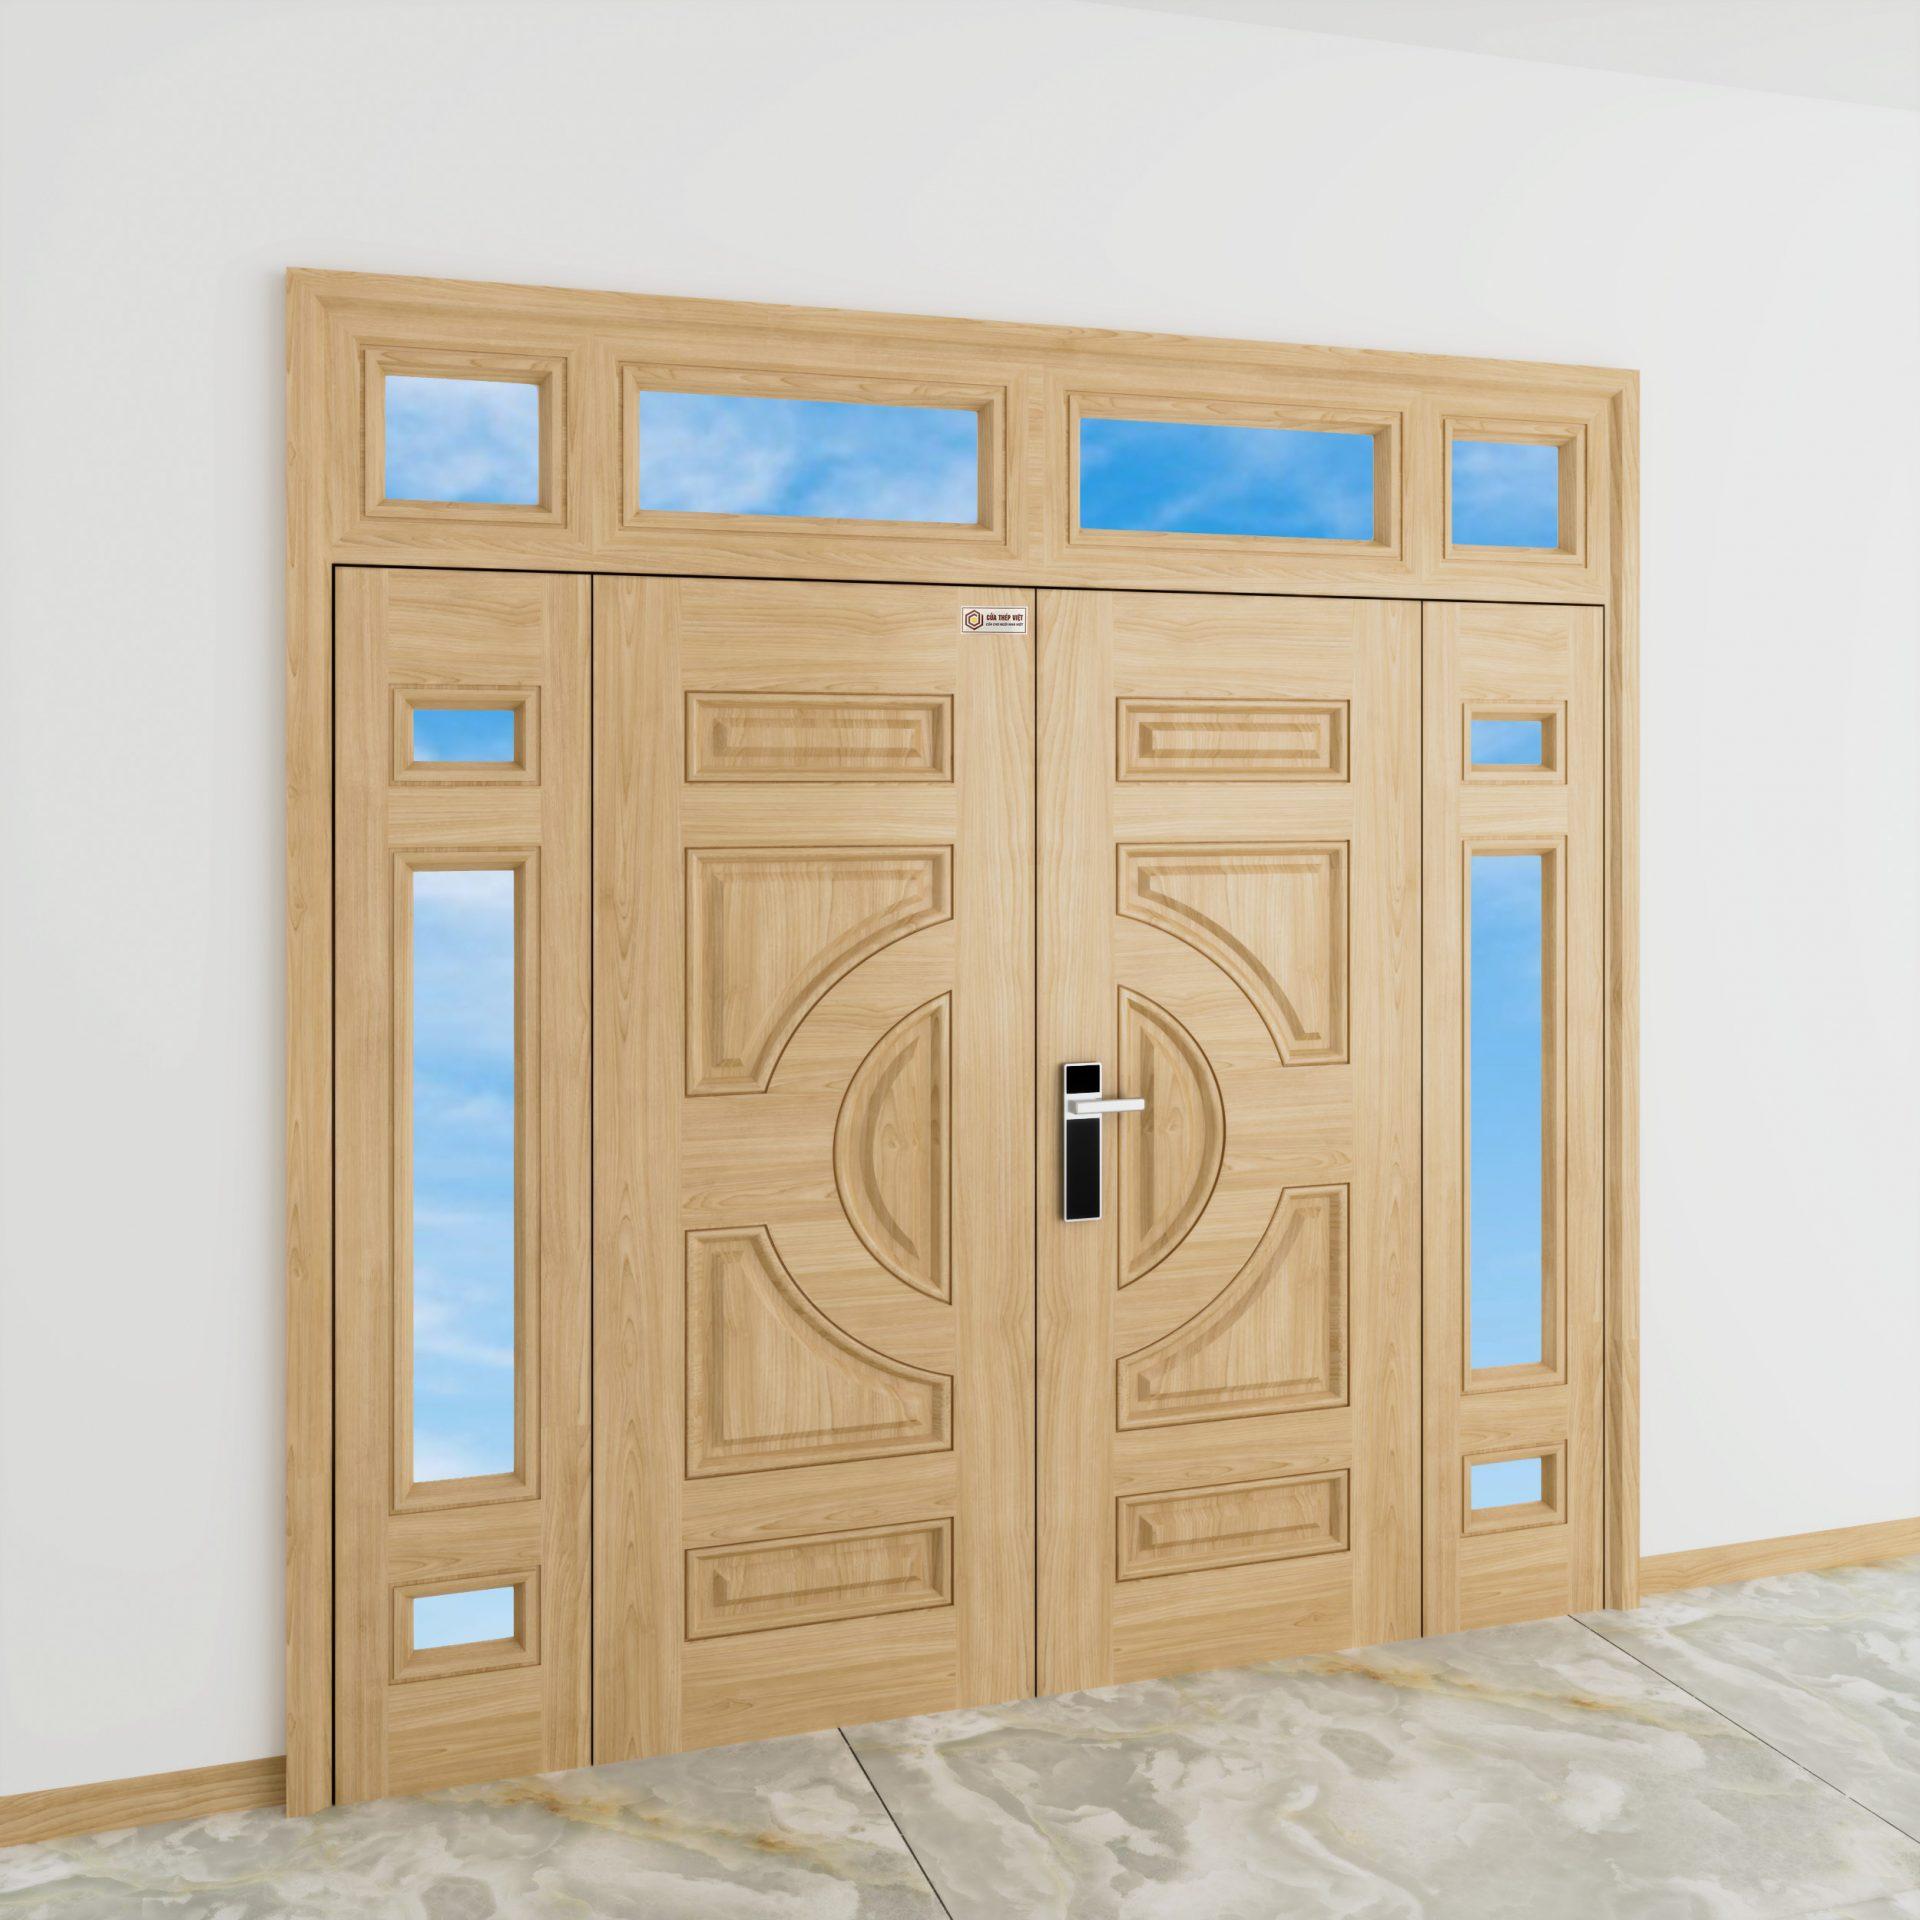 Sử dụng cửa thép vân gỗ có bị gỉ không?